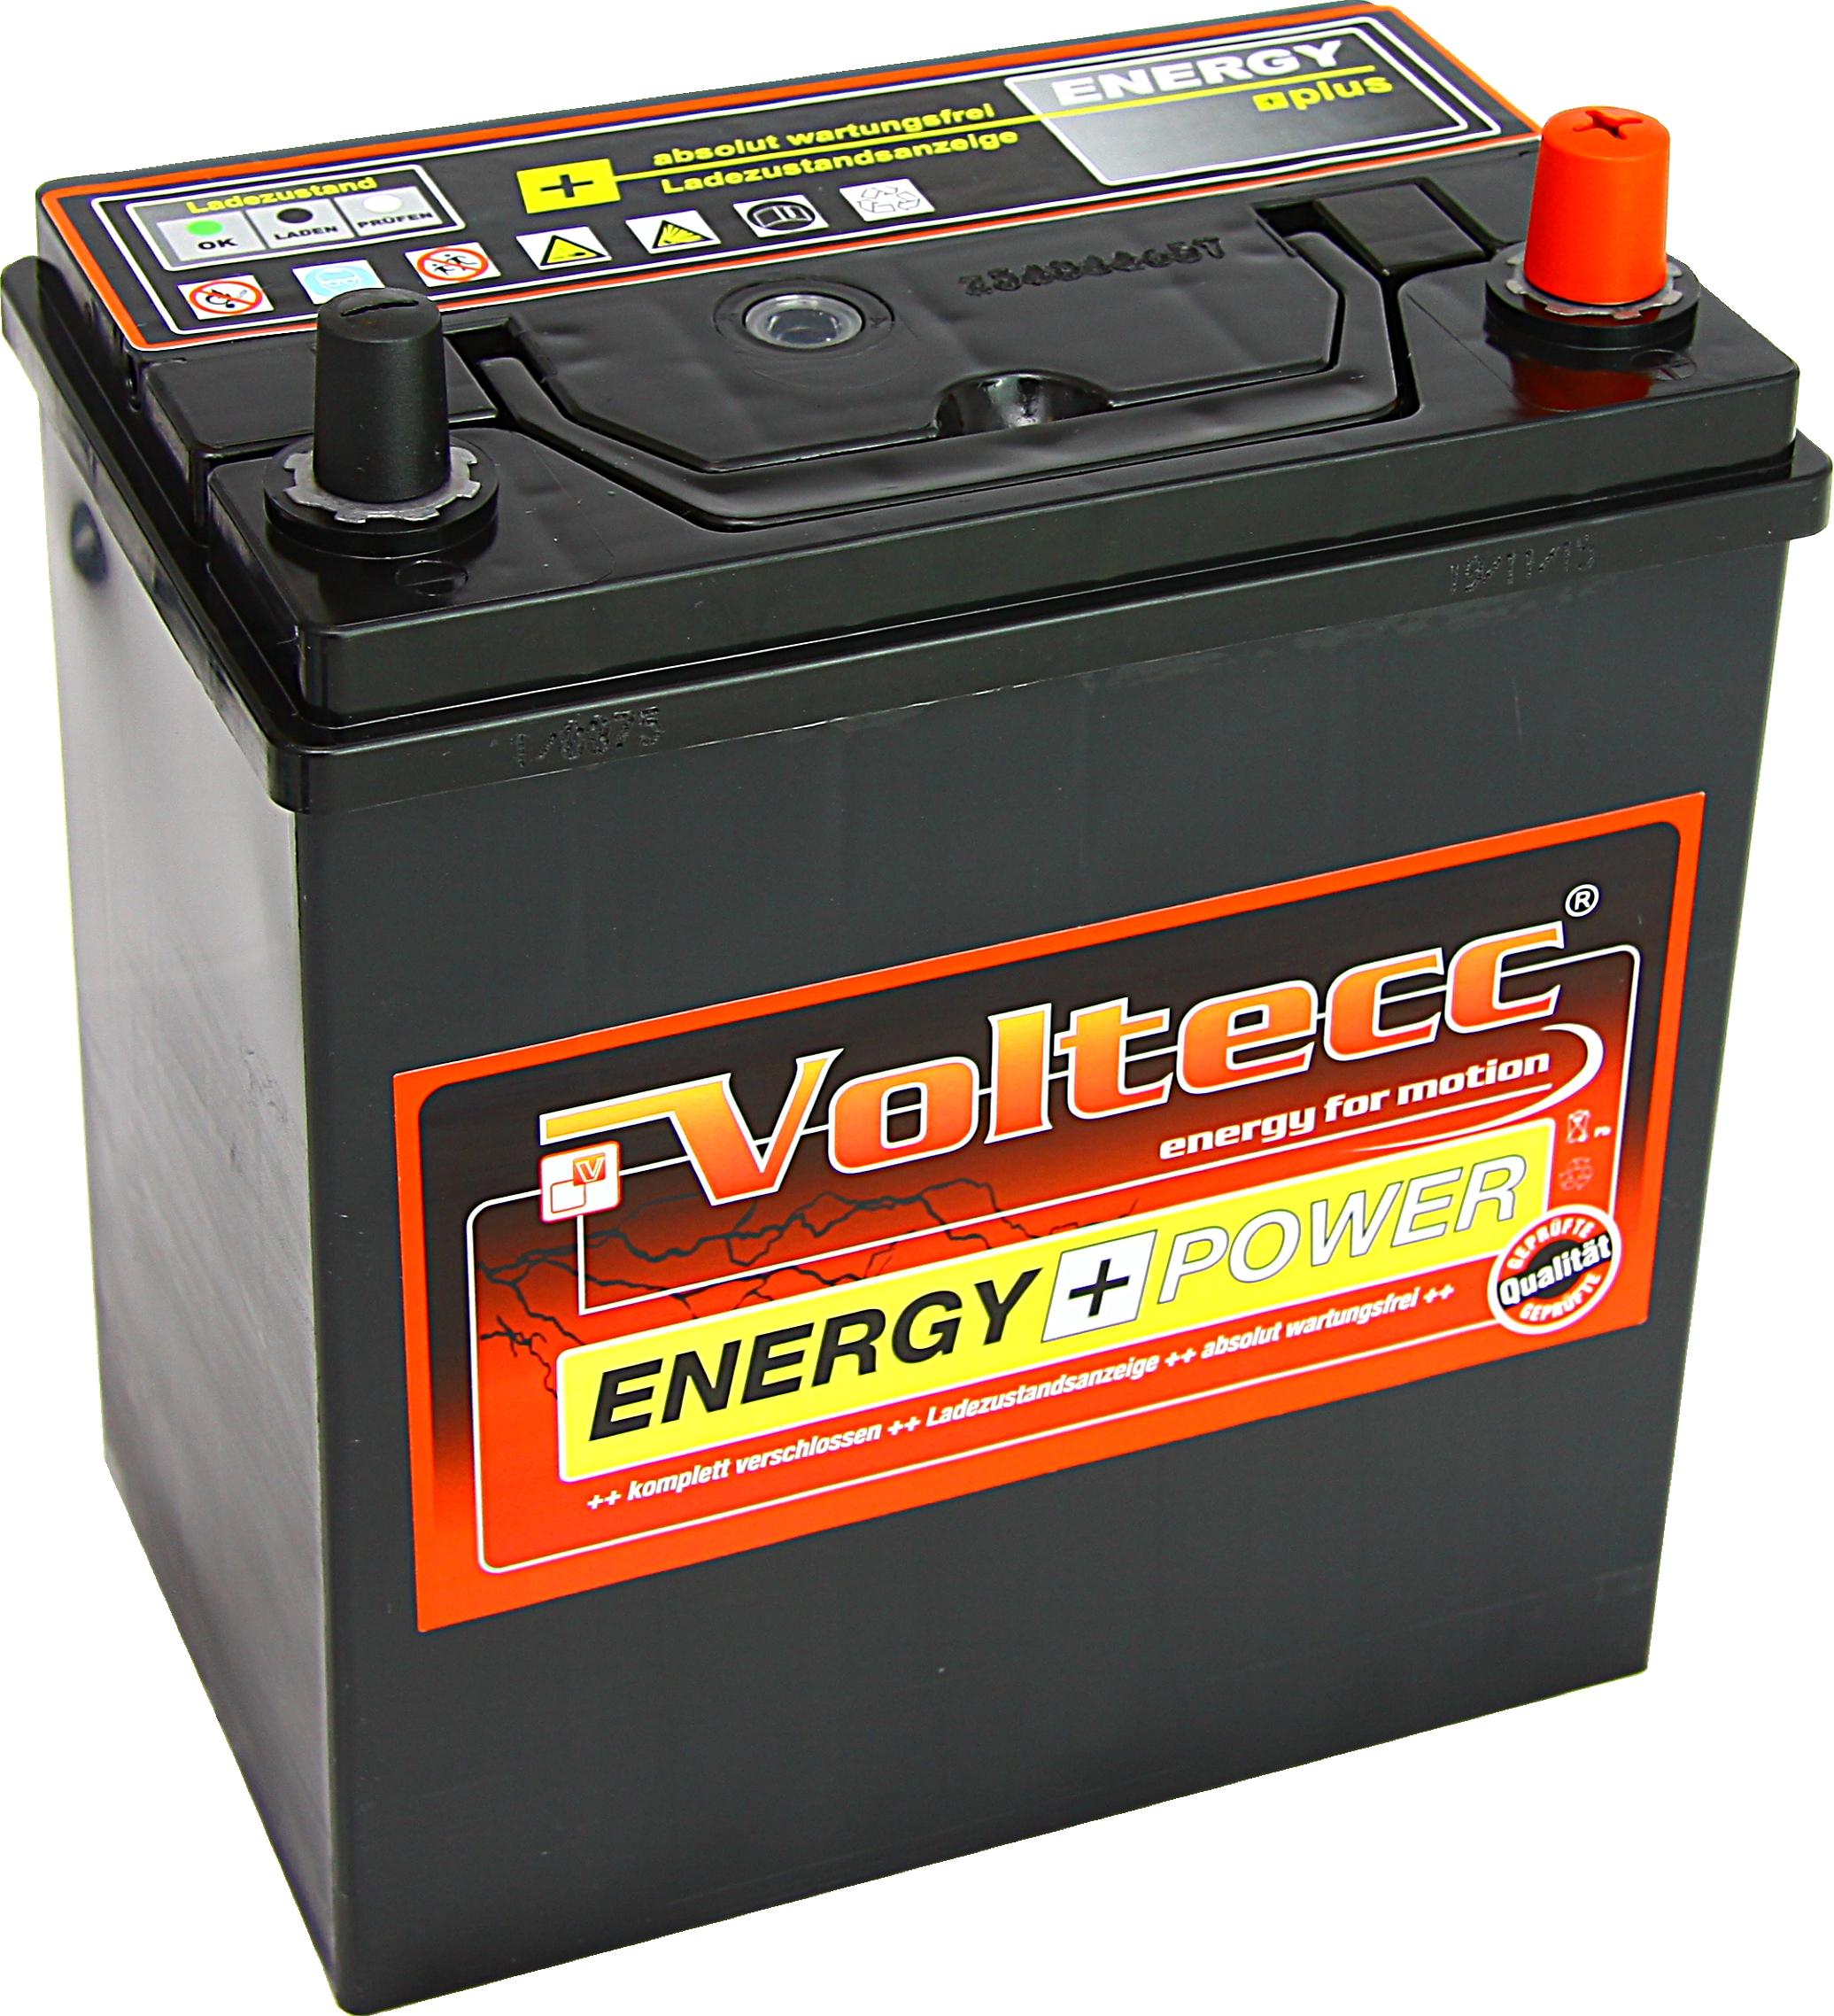 Voltecc Energy Asia 53520 12V 35Ah 300A